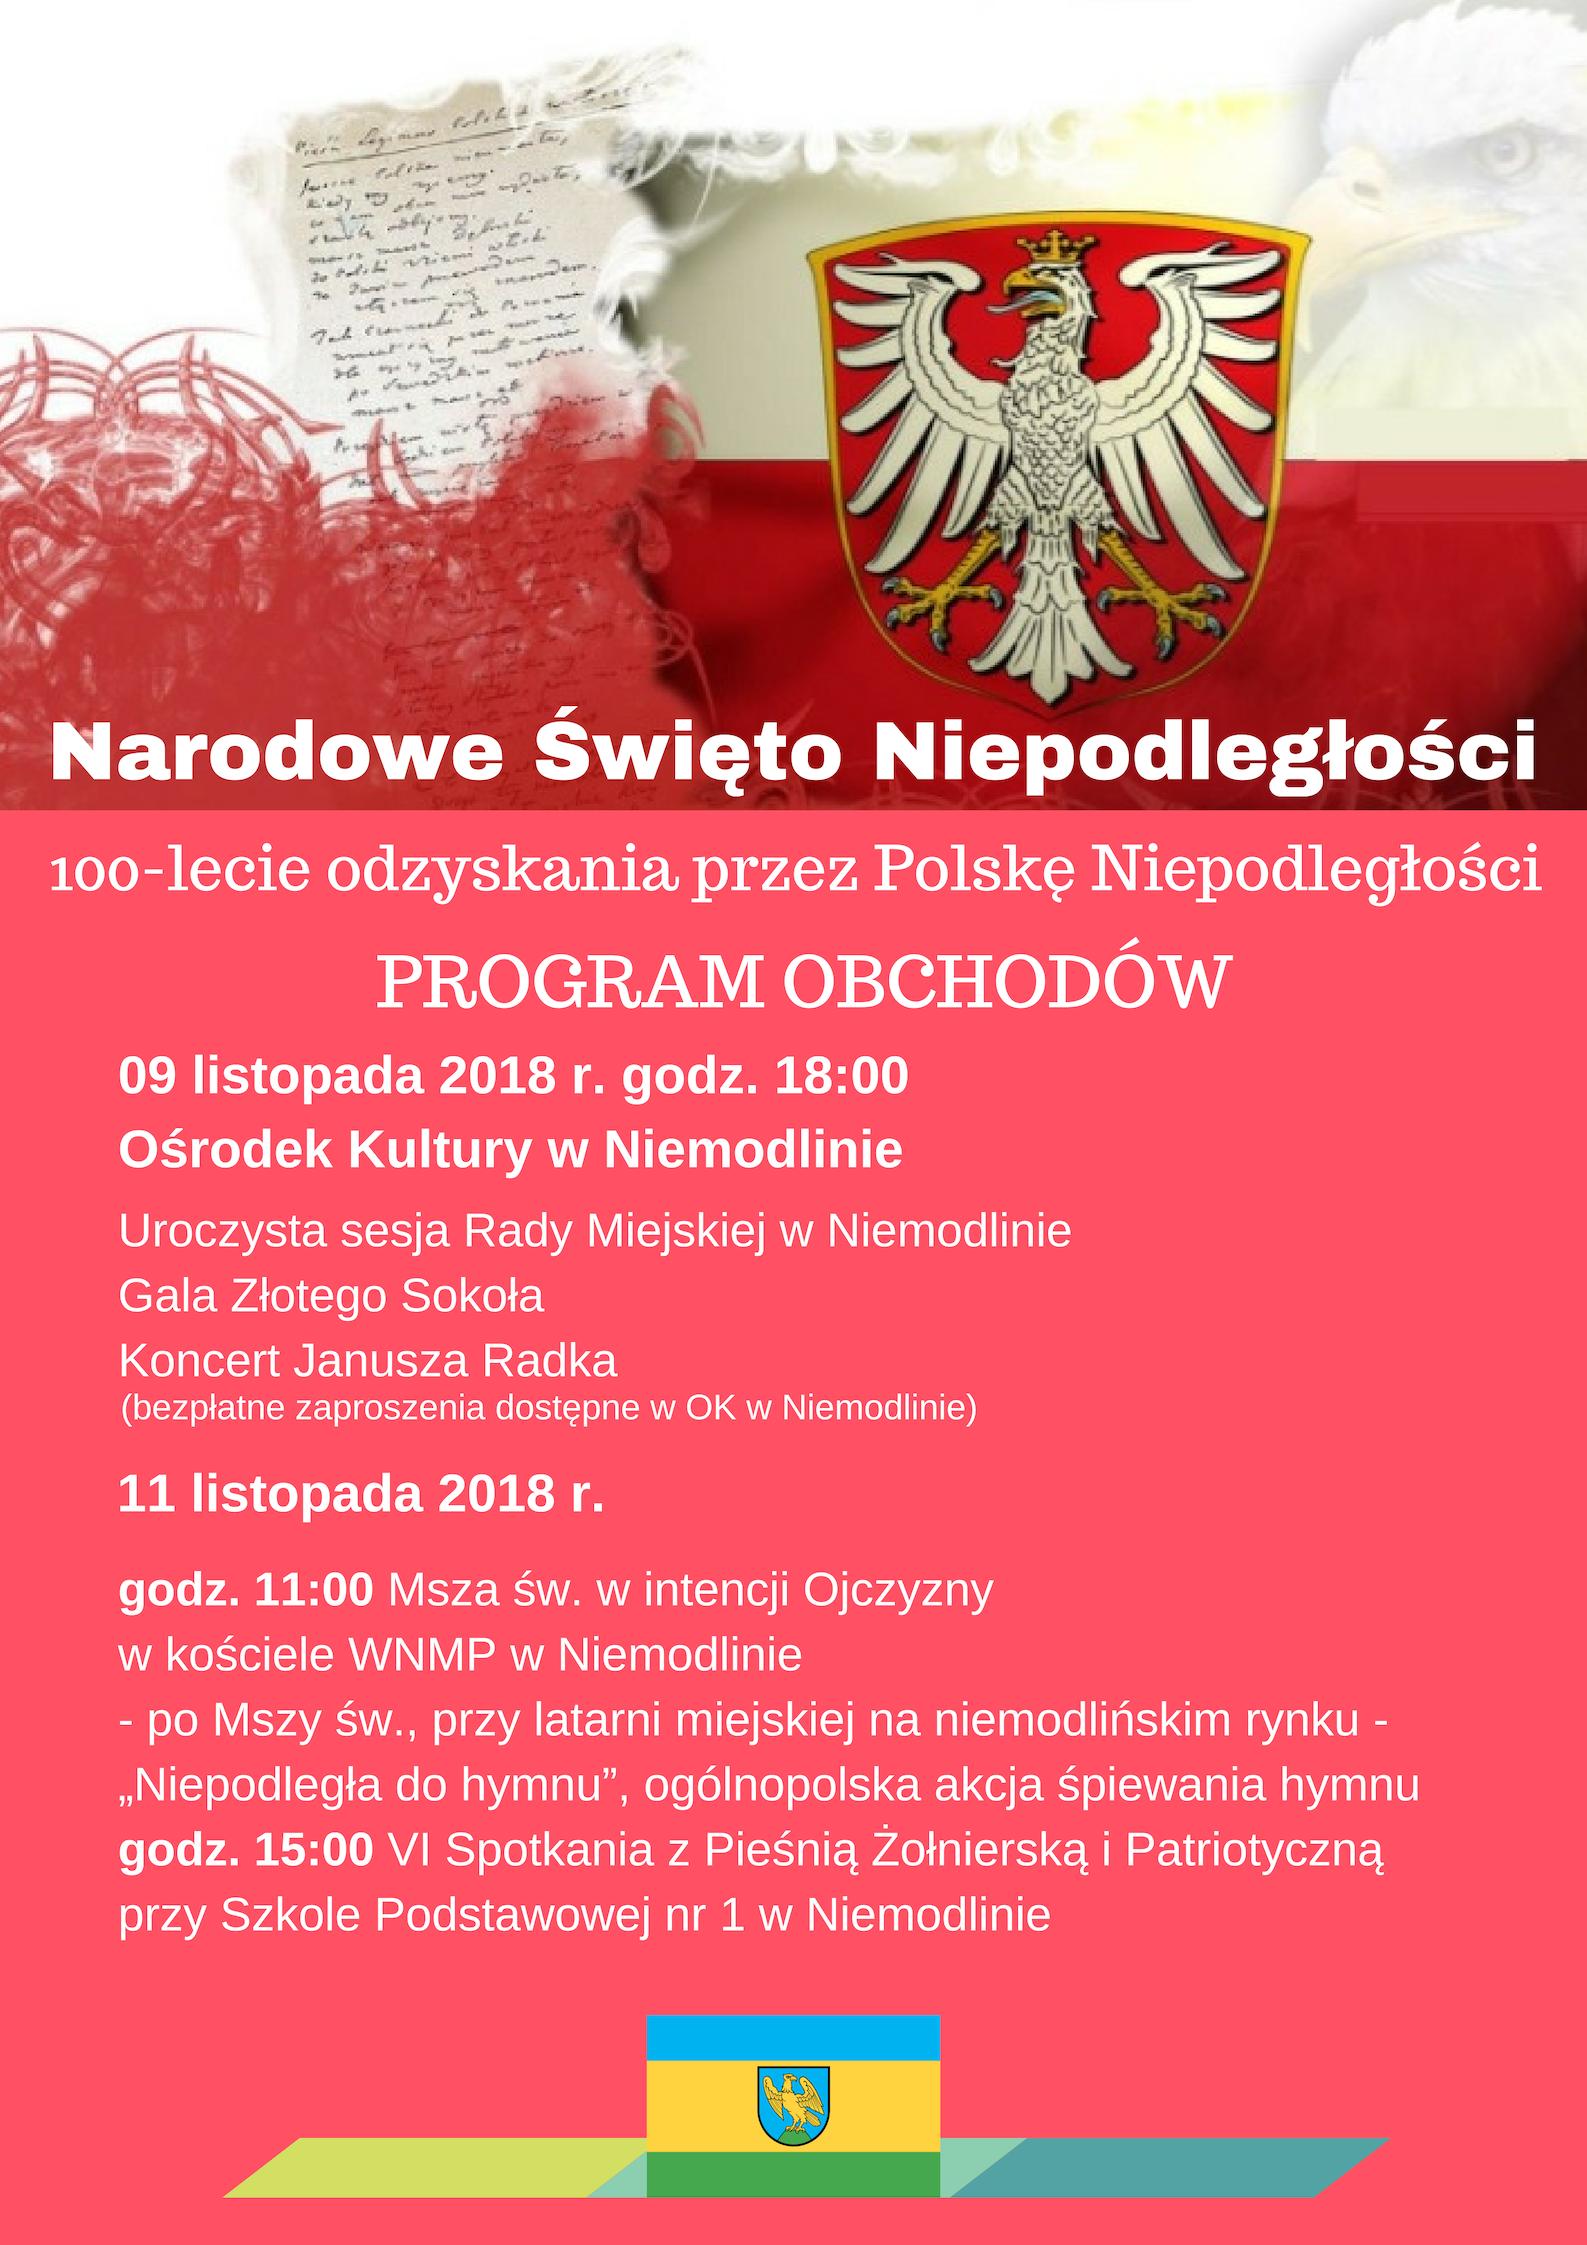 Obchody Narodowego Święta Niepodległości 2017 — kopia (1)